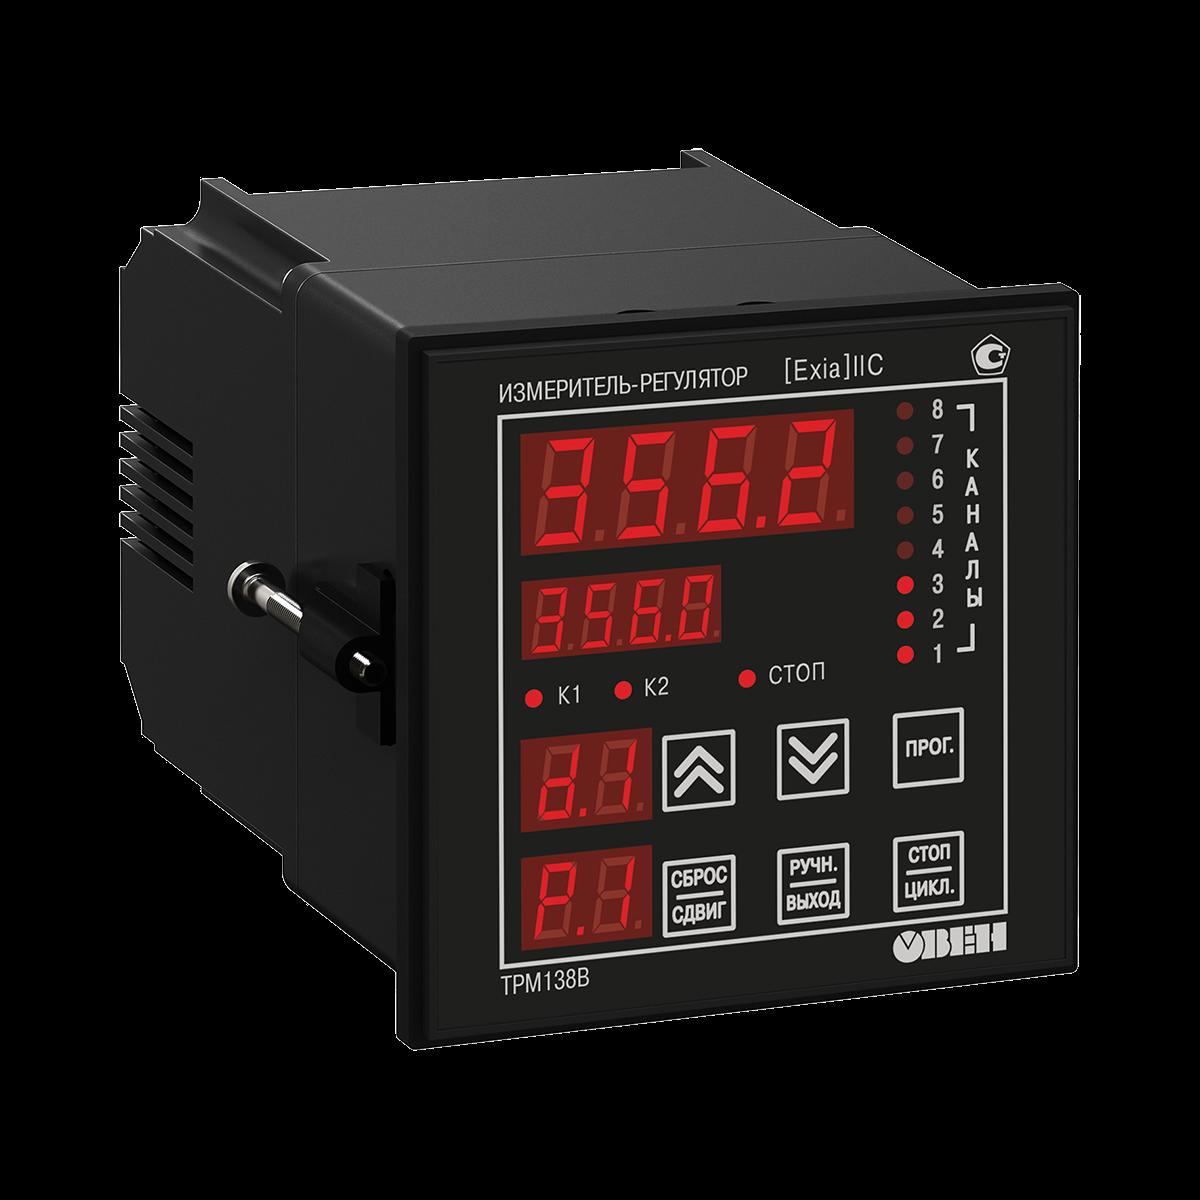 ТРМ138В восьмиканальный регулятор для взрывоопасных зон с RS-485